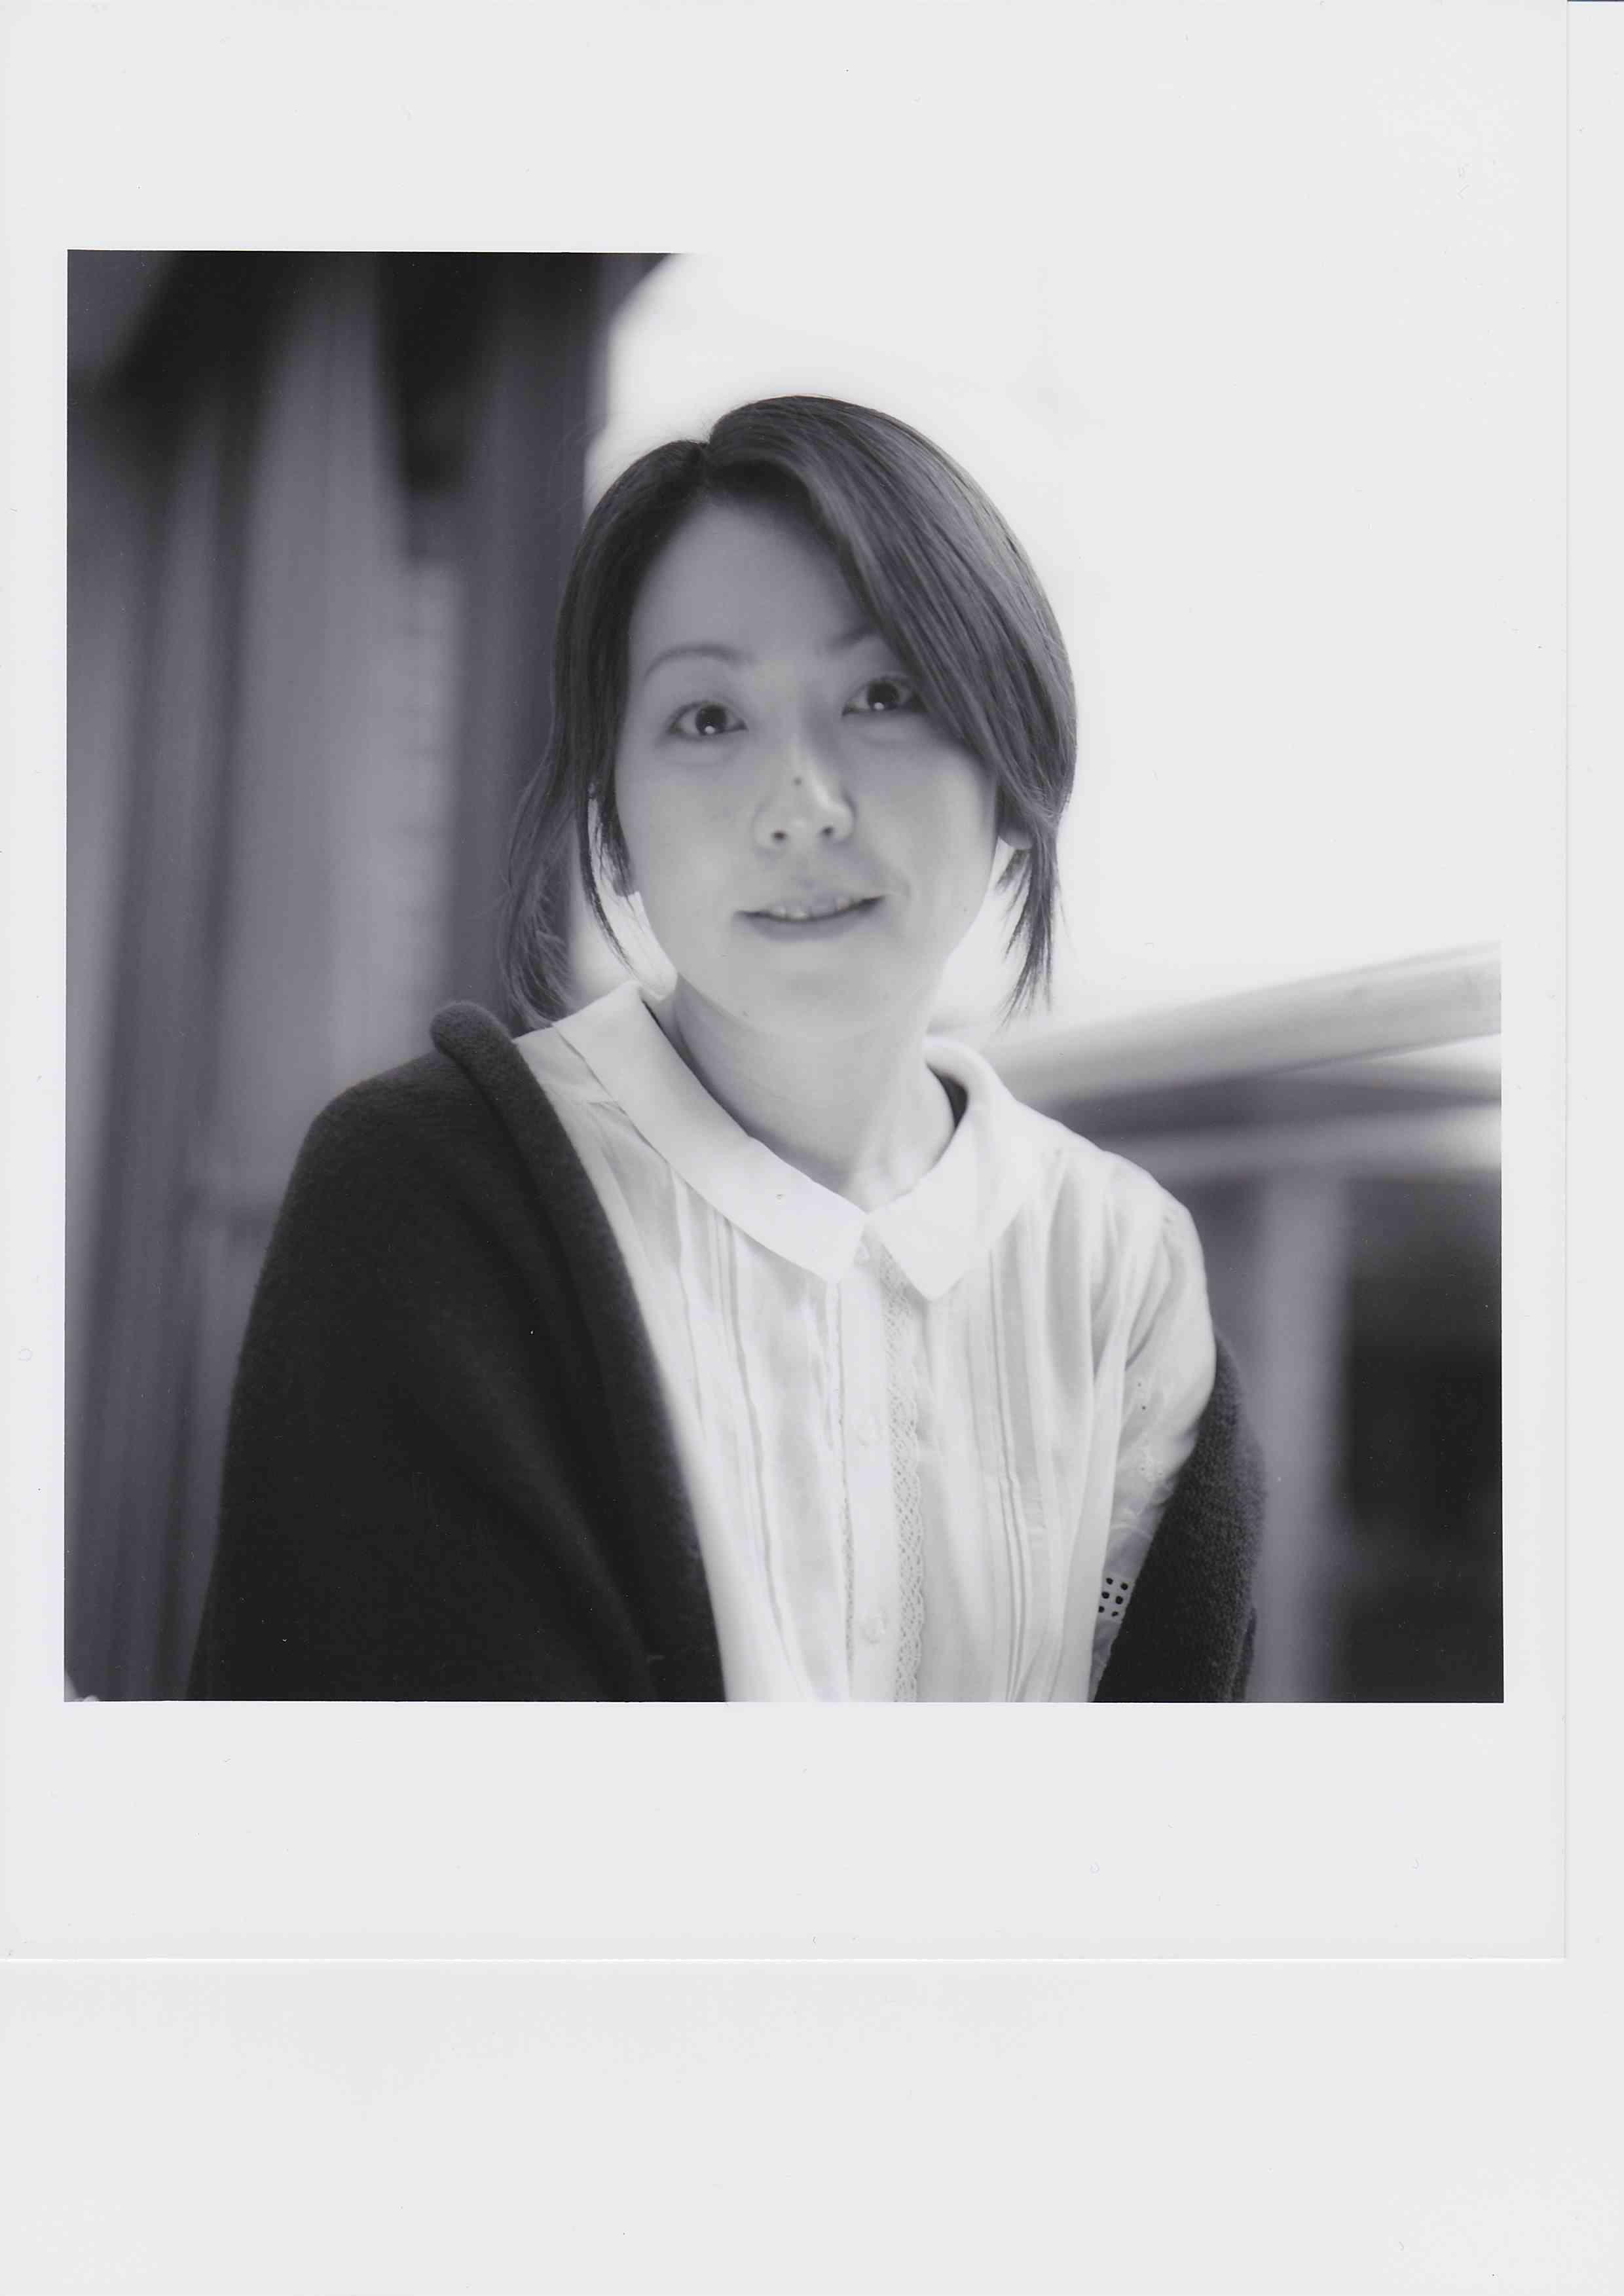 Kayoko Tazawa  actress  たざわかよこさん 女優